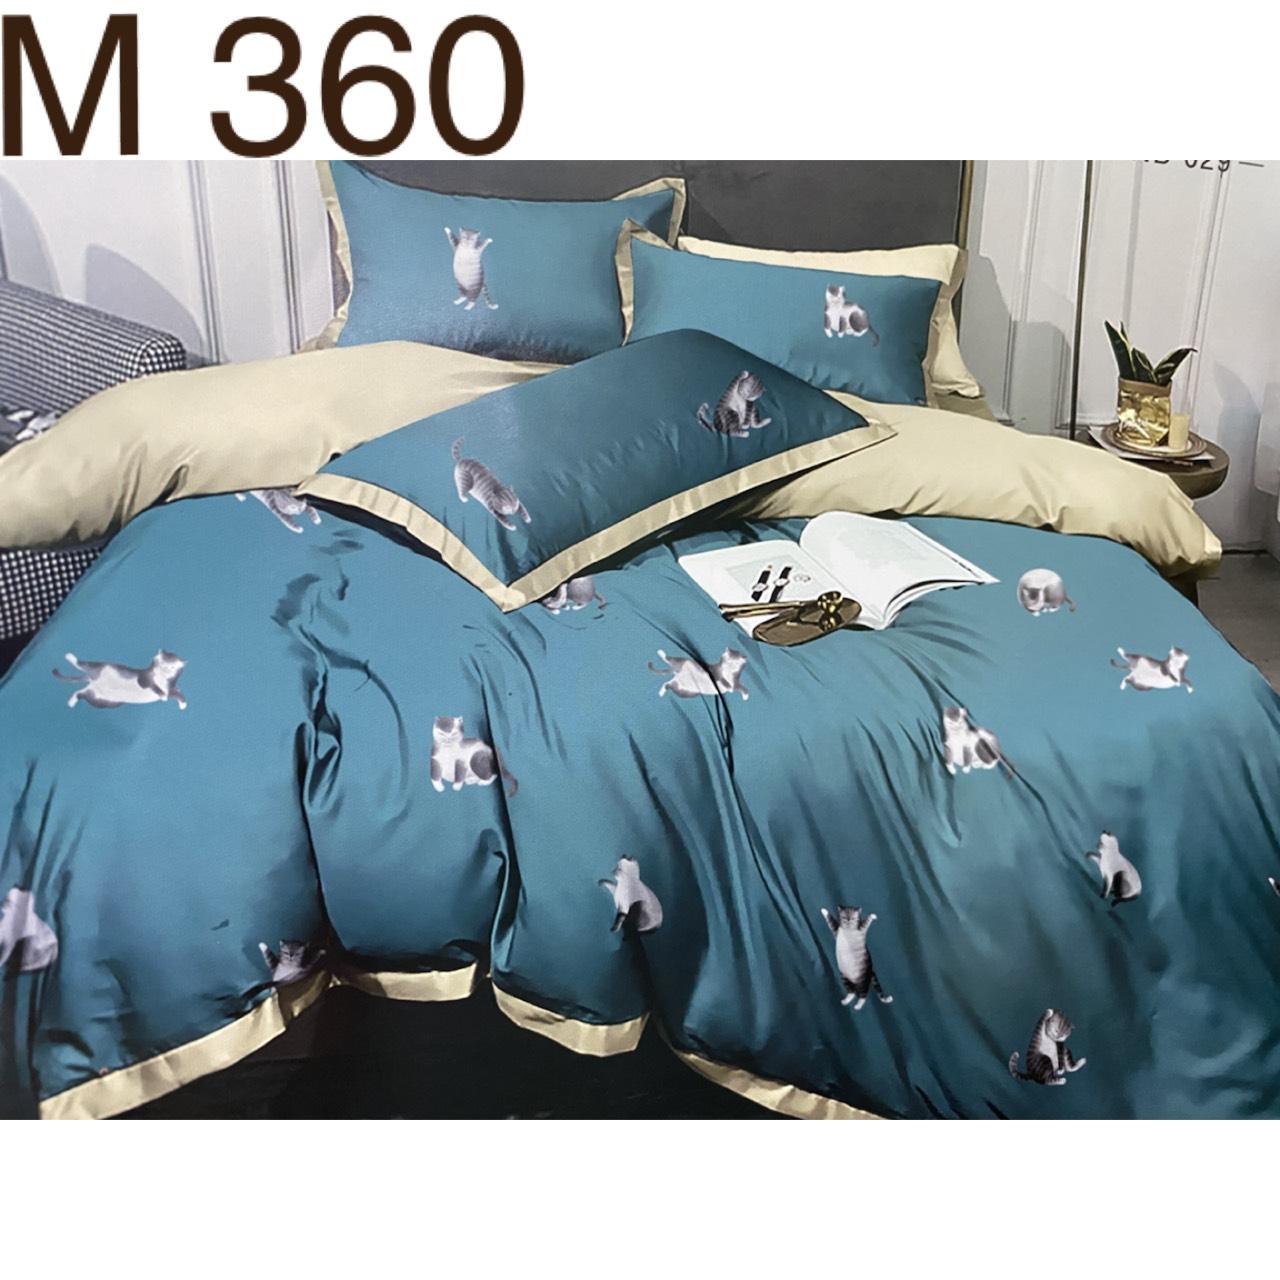 Bộ Chăn Ga Cotton Đũi Loại 1 Hàn Quốc - M360